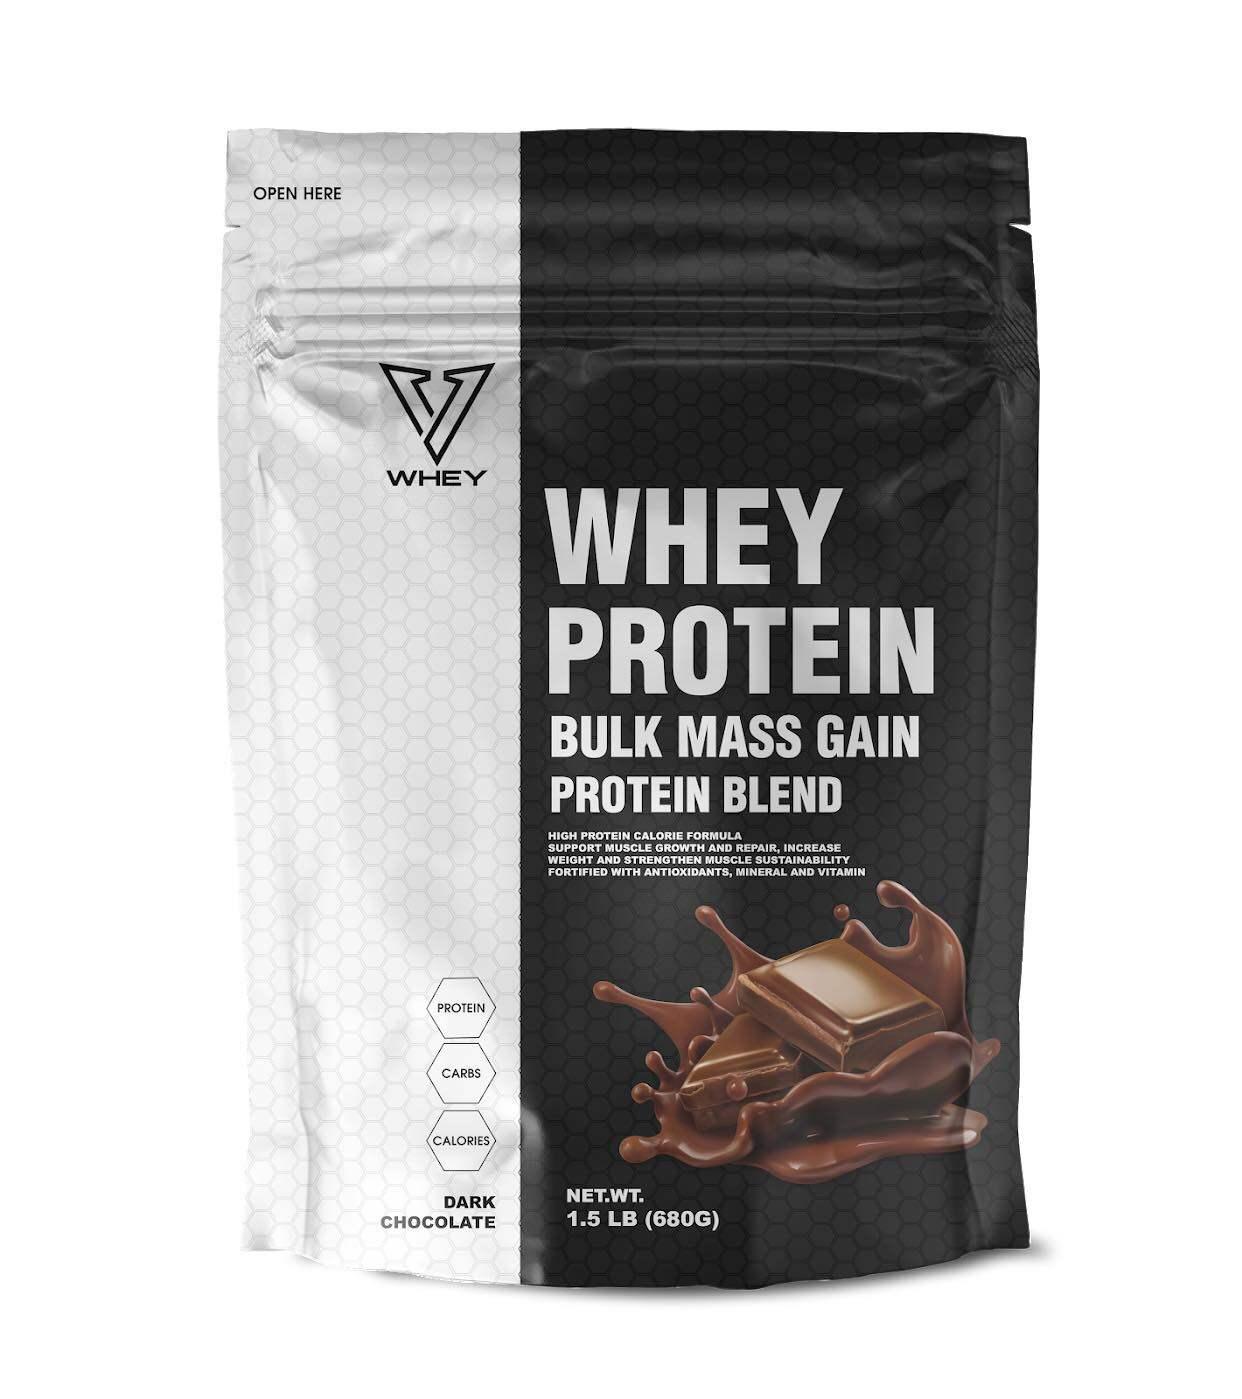 V Whey protein เวย์โปรตีนเพิ่มน้ำหนัก สำหรับคนผอมที่ต้องการเพิ่มน้ำหนัก (รสช็อกโกแลต) ทานได้ทั้งผู้หญิงและผู้ชาย ส่งฟรี Kerry